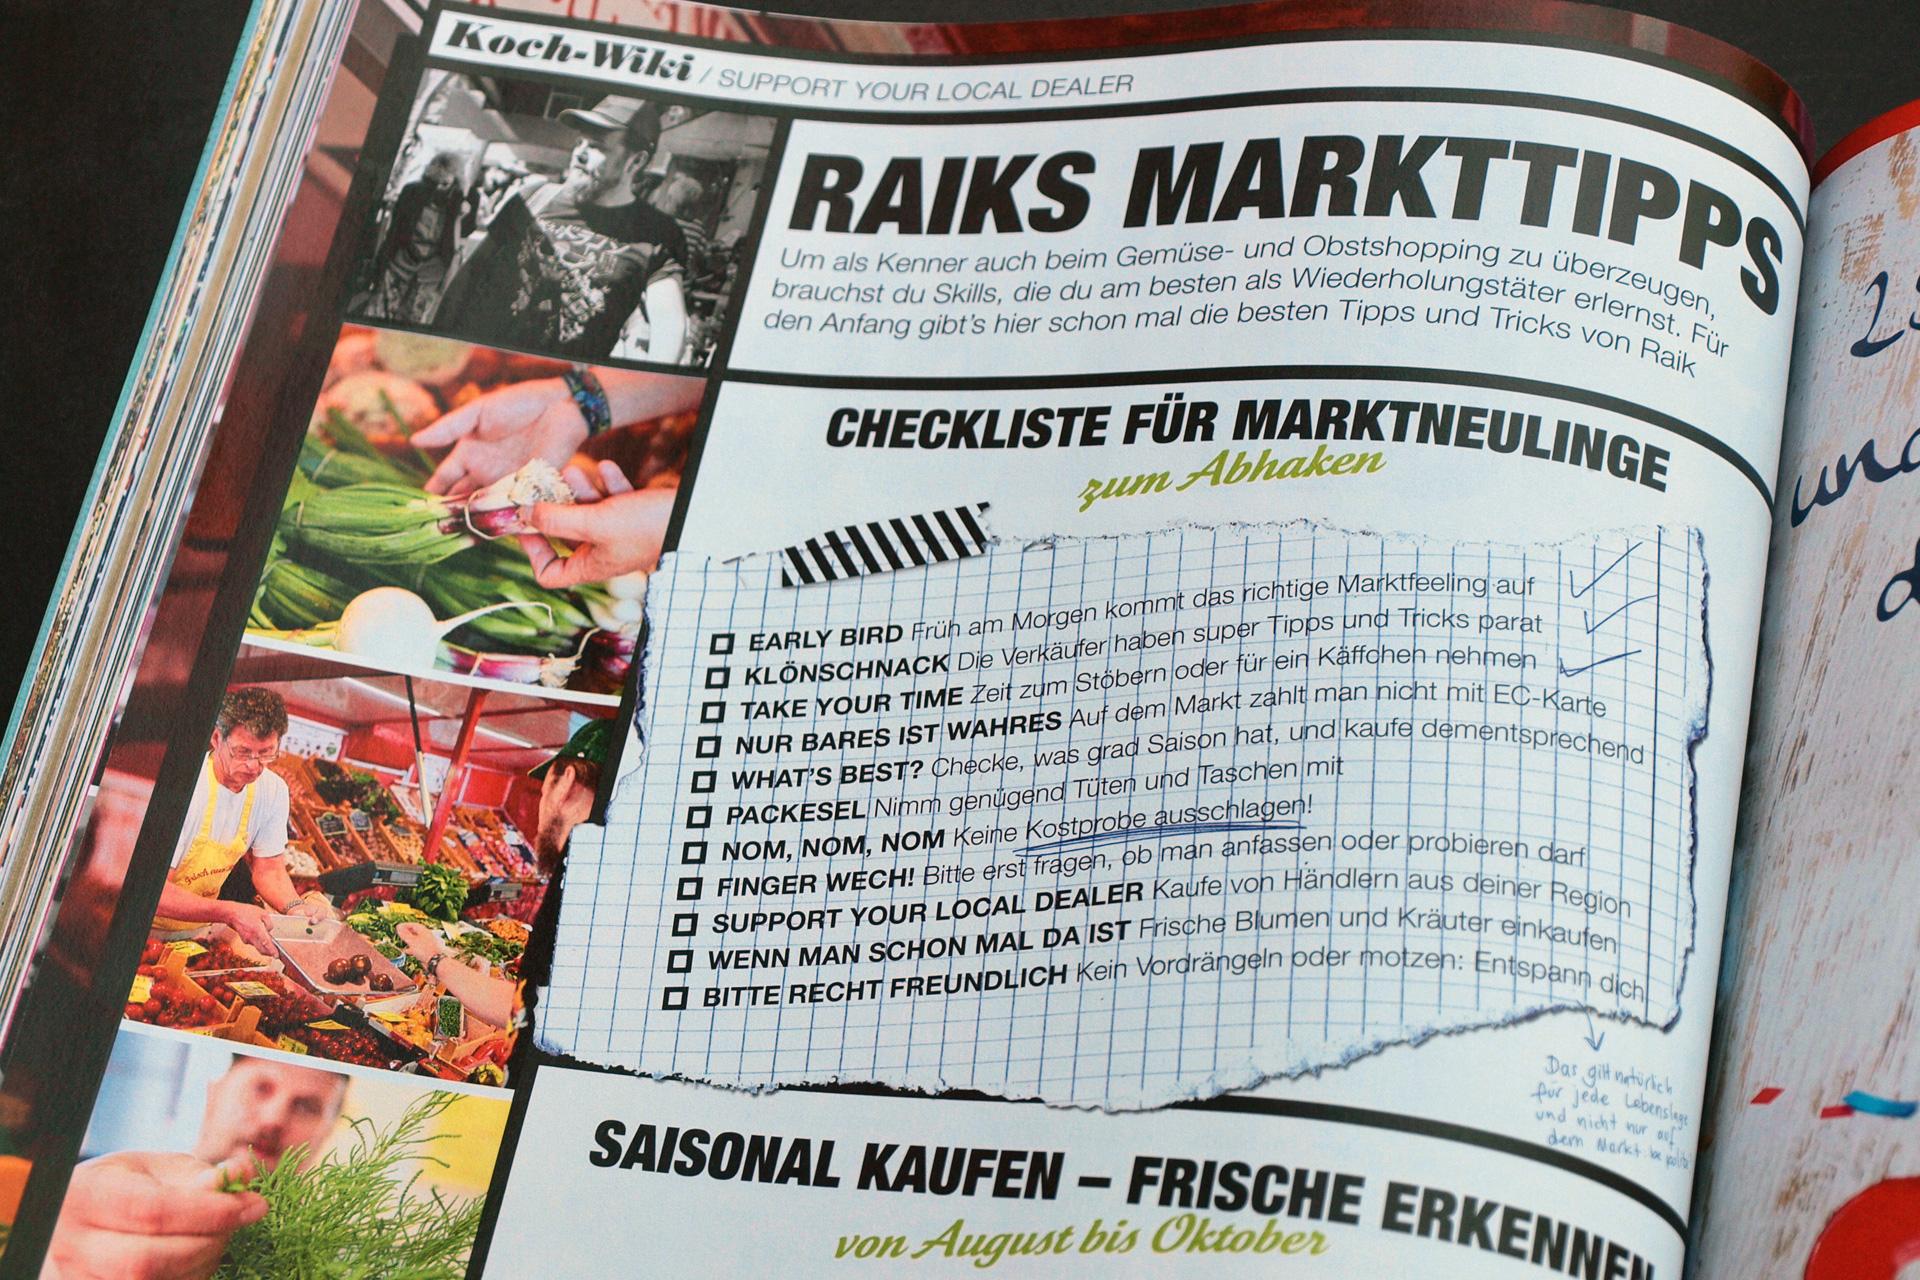 buchstabenplus_mutti_markt2